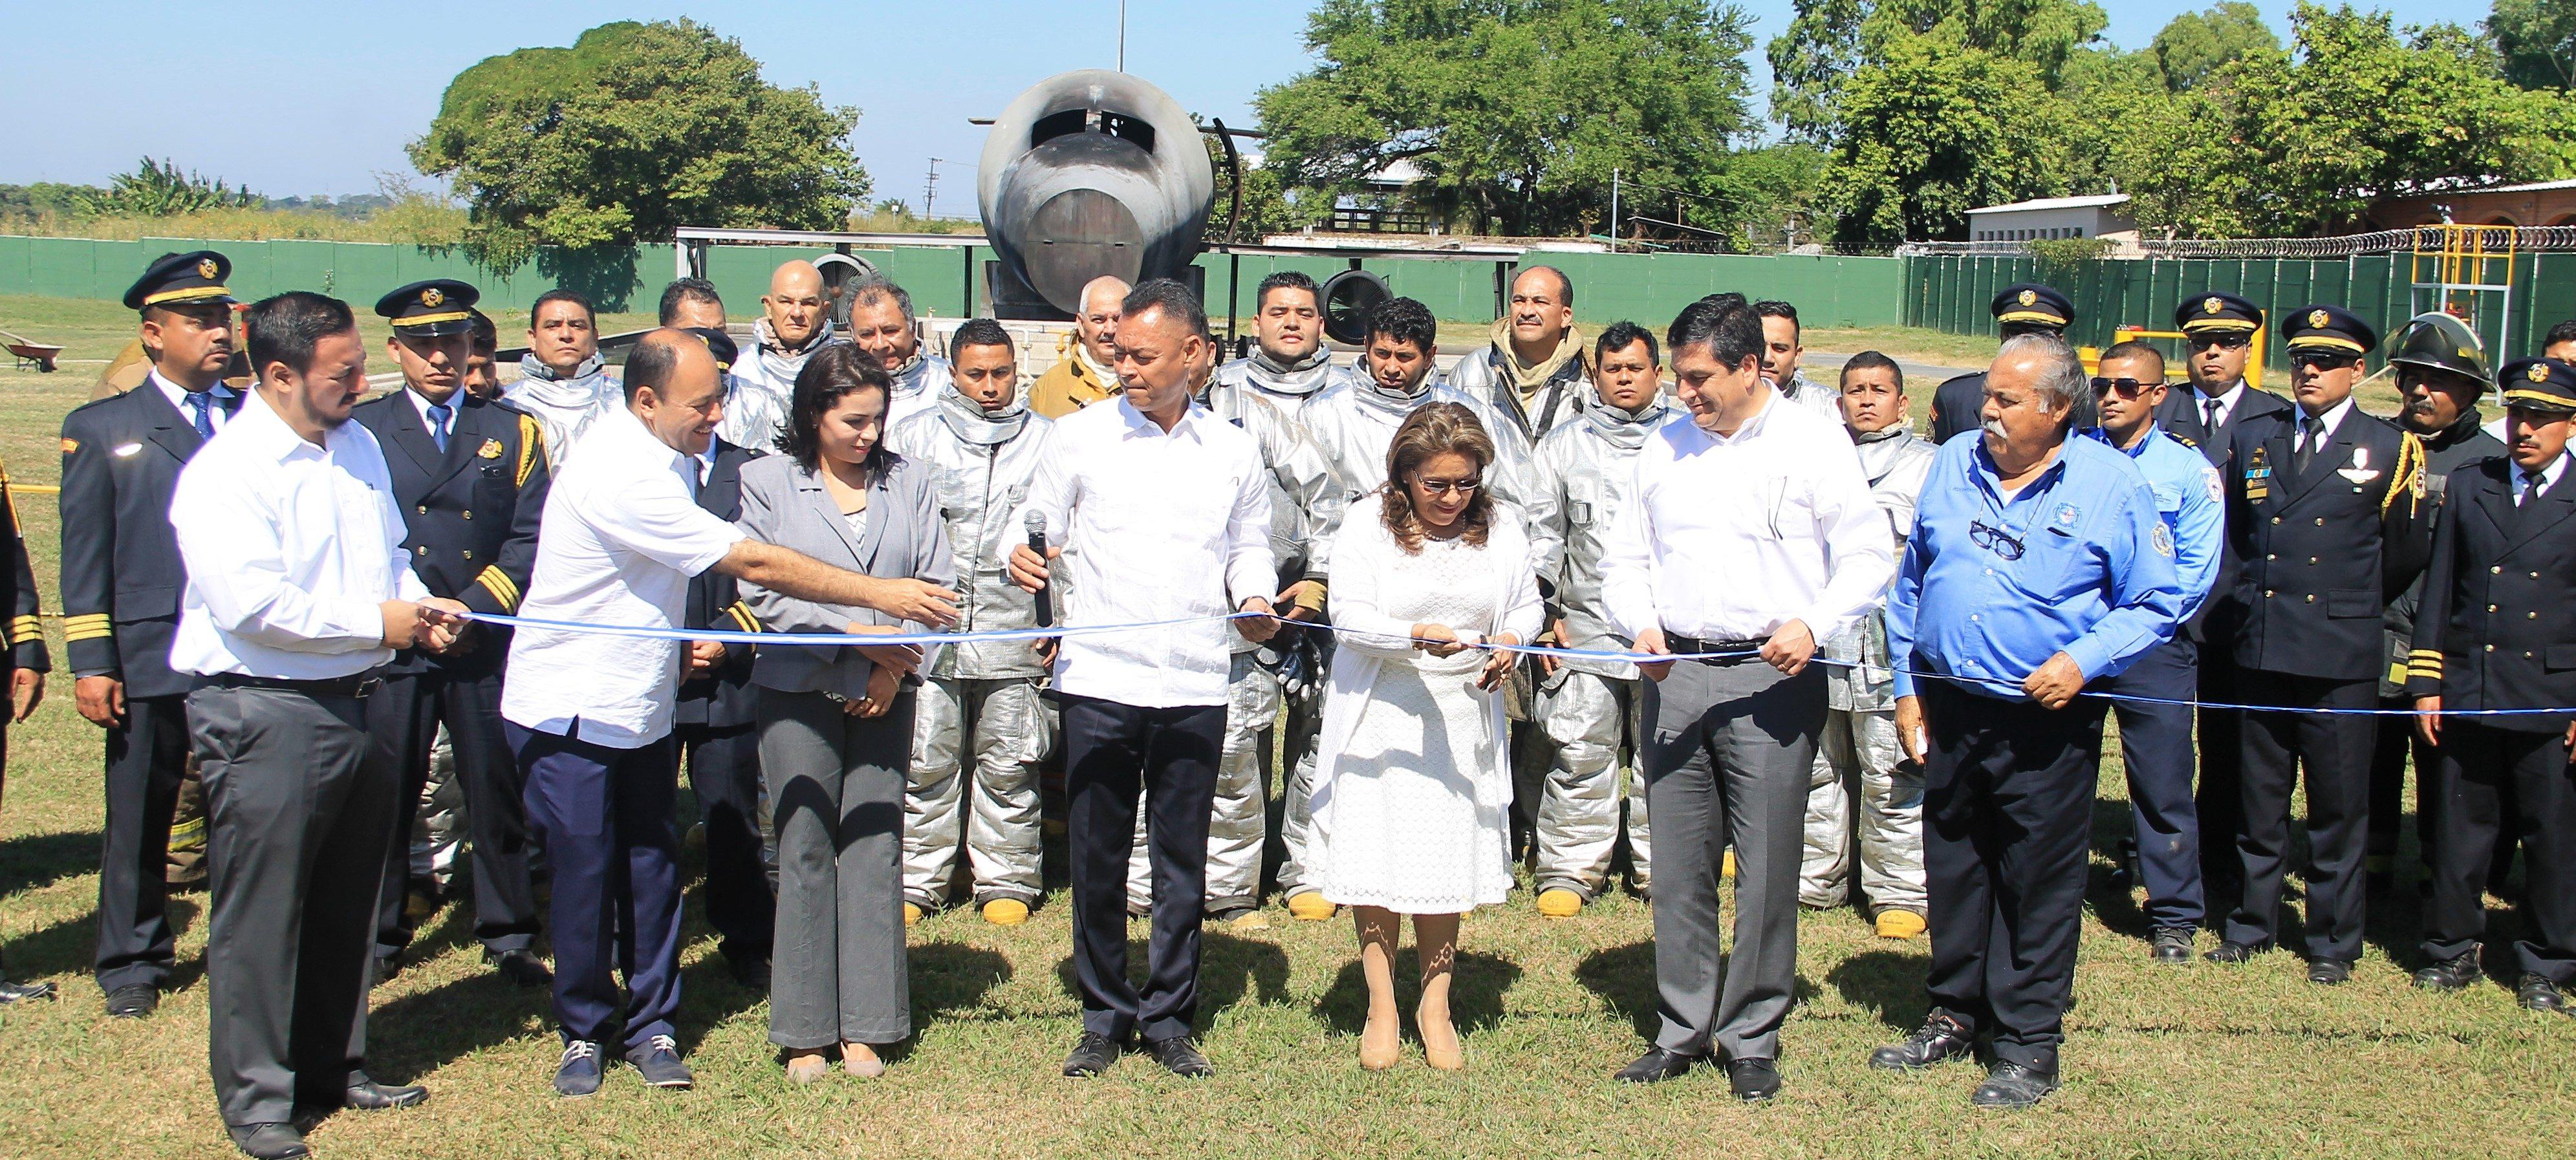 Gobierno de El Salvador a través de Autoridad de Aviación Civil inaugura Campo de Entrenamiento de Salvamento y Extinción de Incendios.